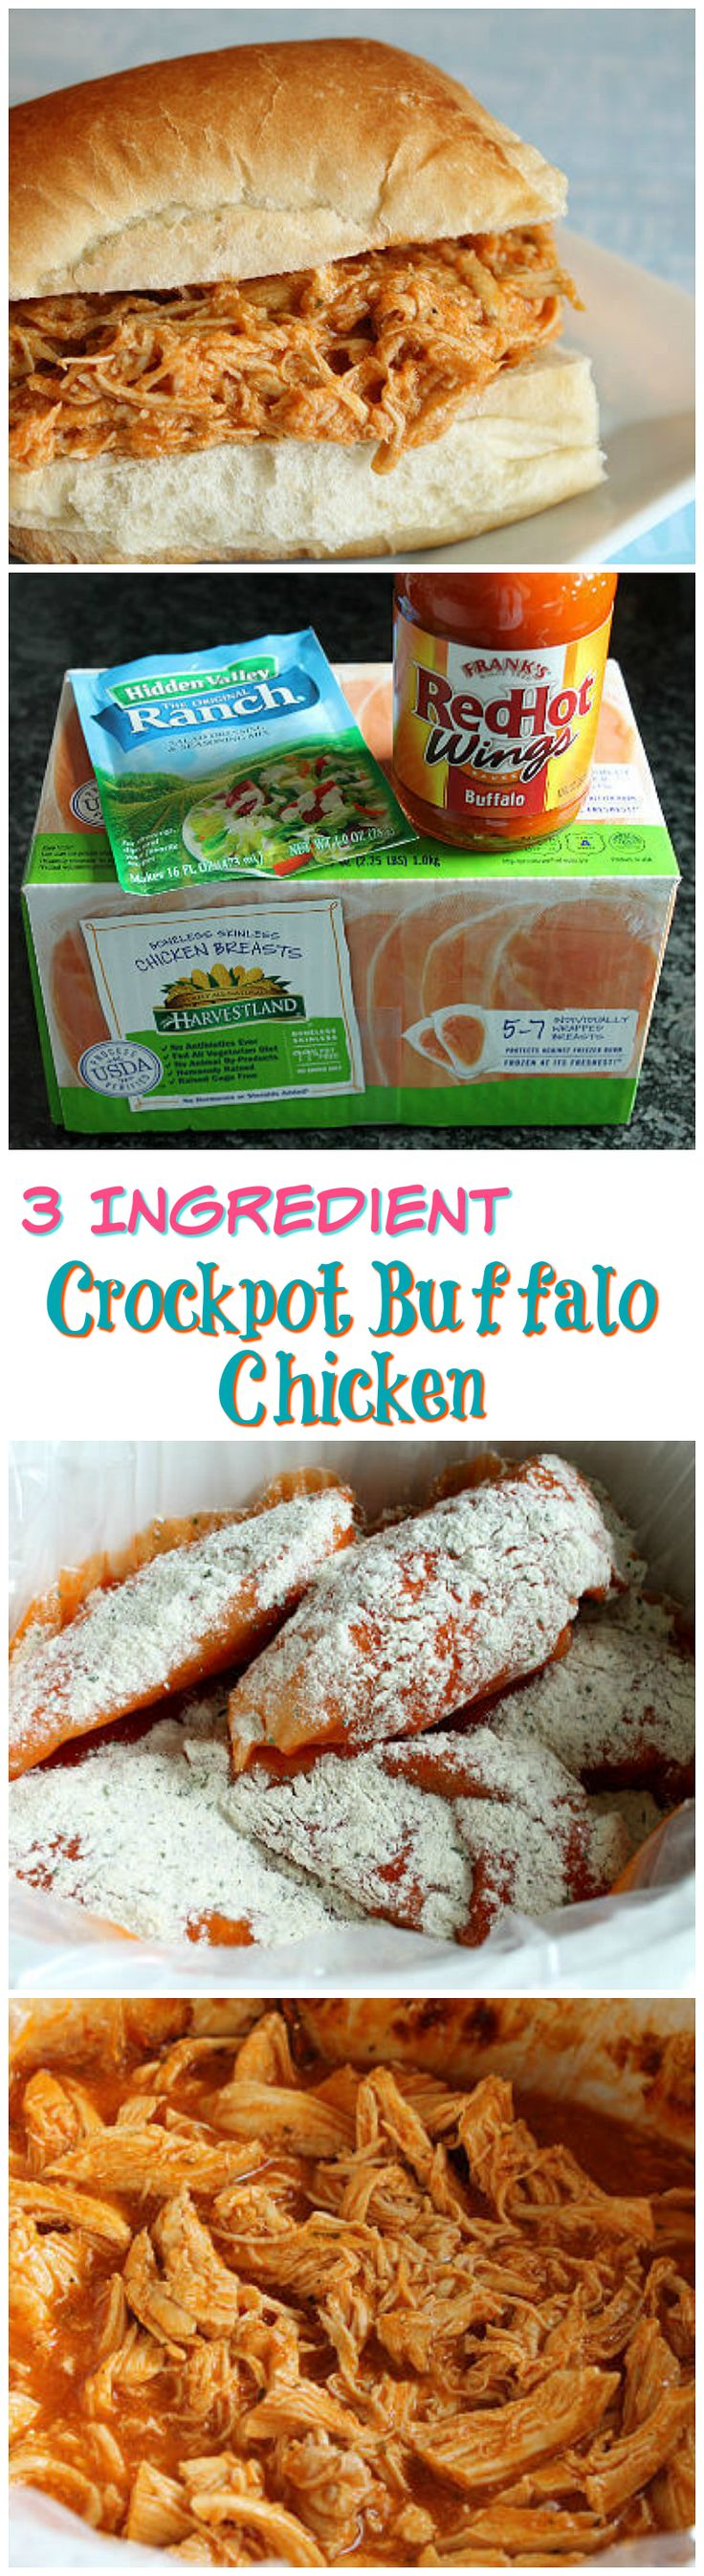 3 Ingredient Crockpot Buffalo Chicken / myfindsonline.com